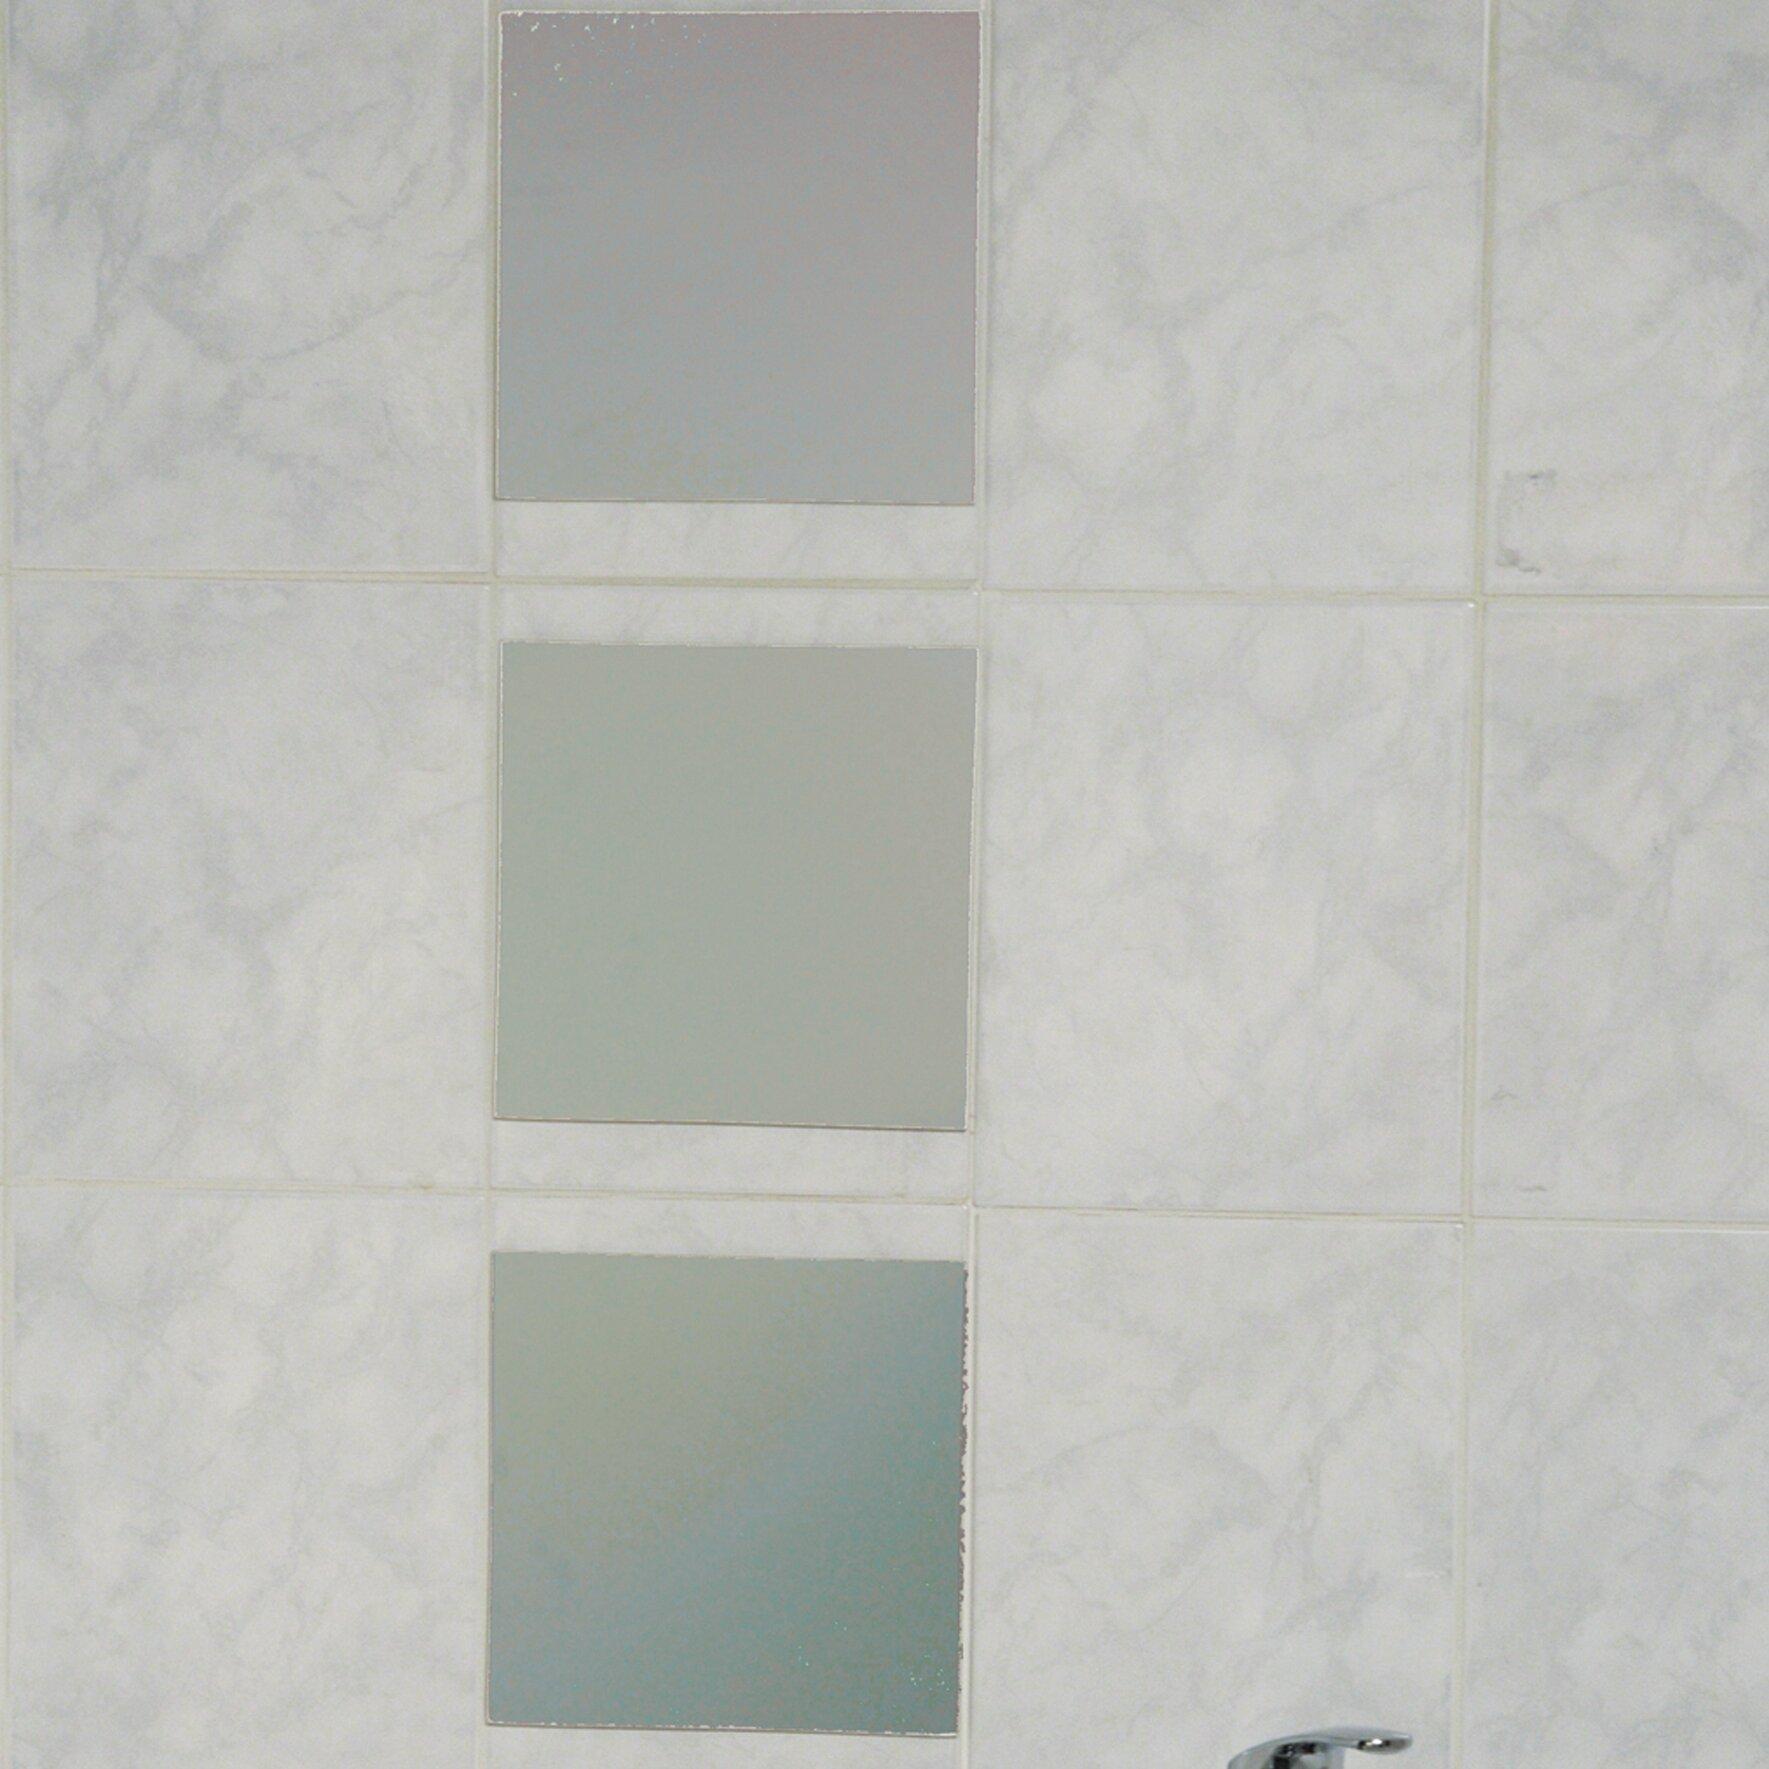 Evideco mirrorfina adhesive square decorative bath wall for Decorative bath mirrors